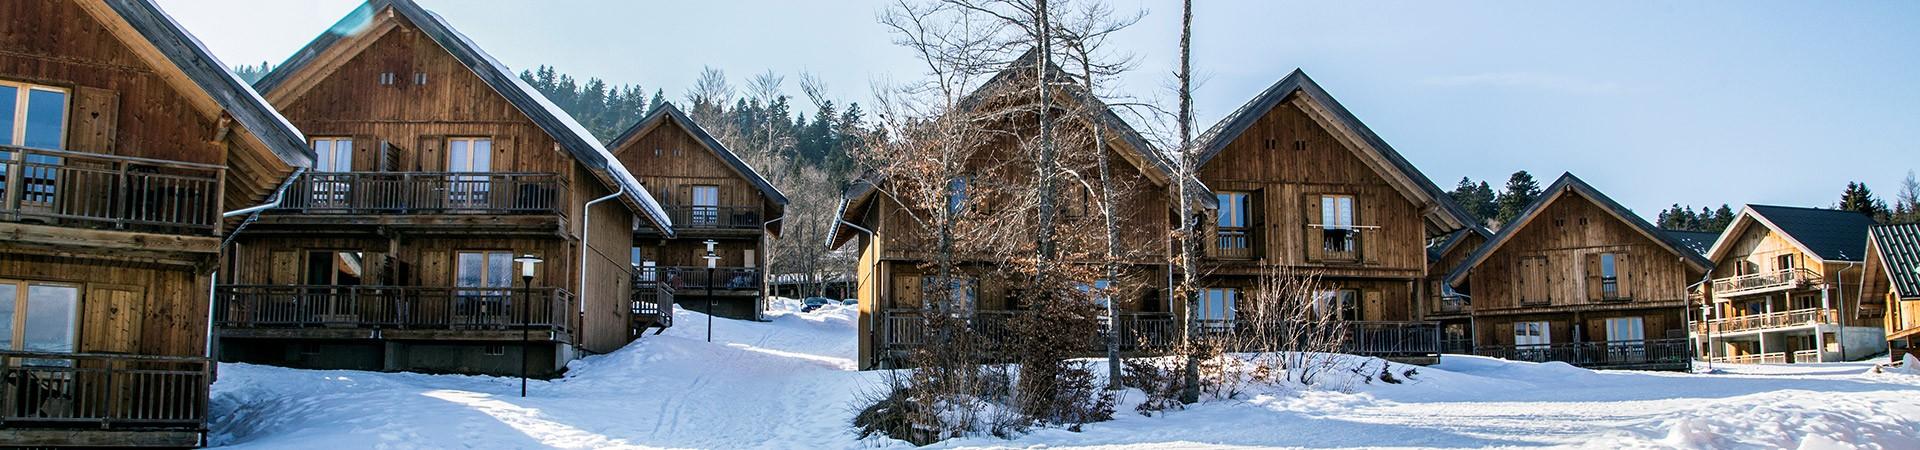 Location de vacances à Savoie Grand Revard